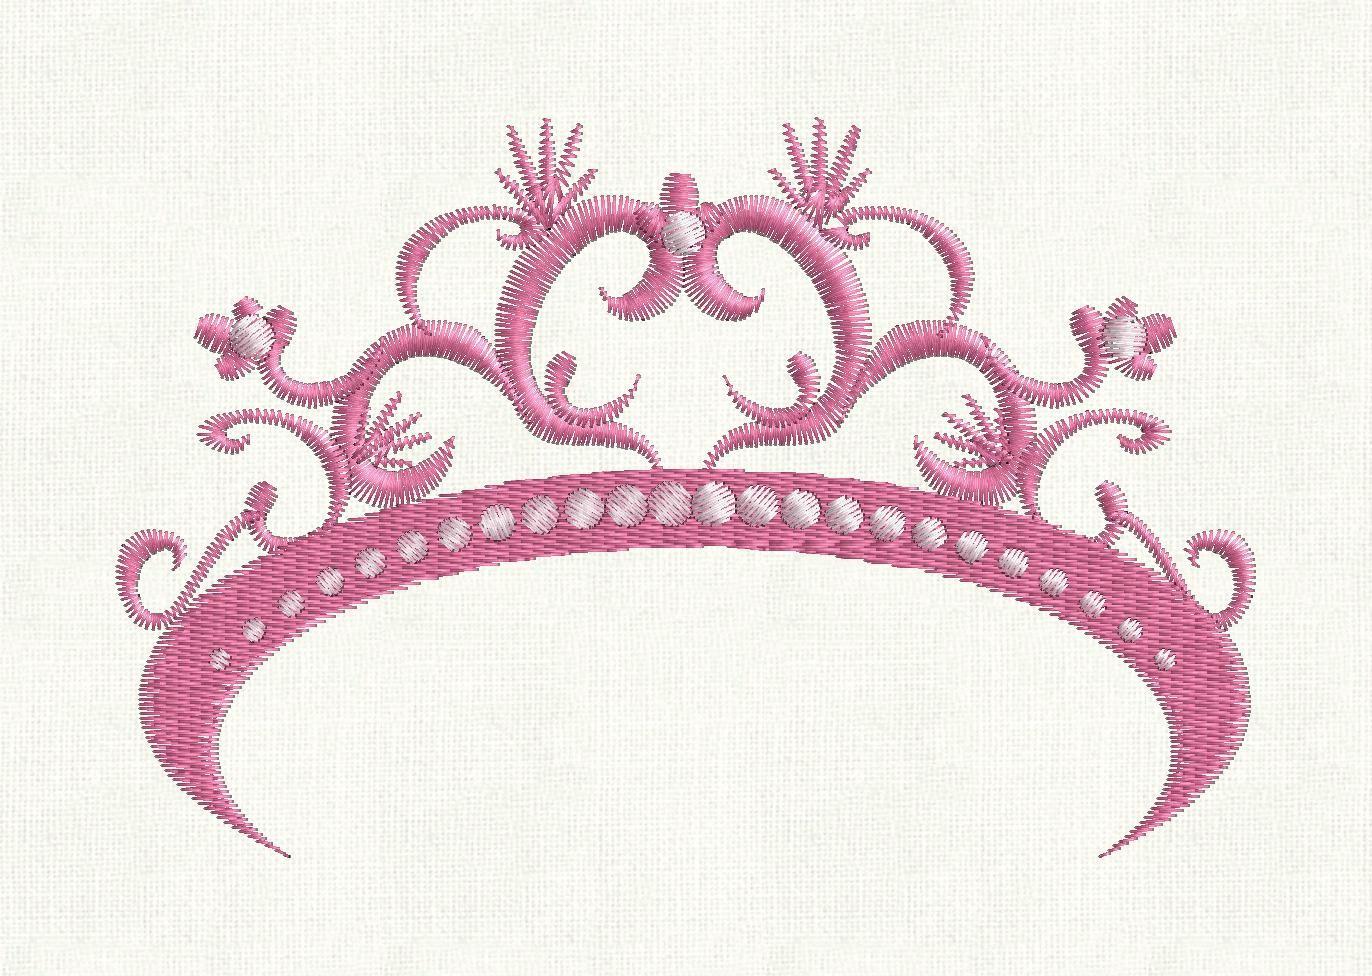 princess crown template n3 free image